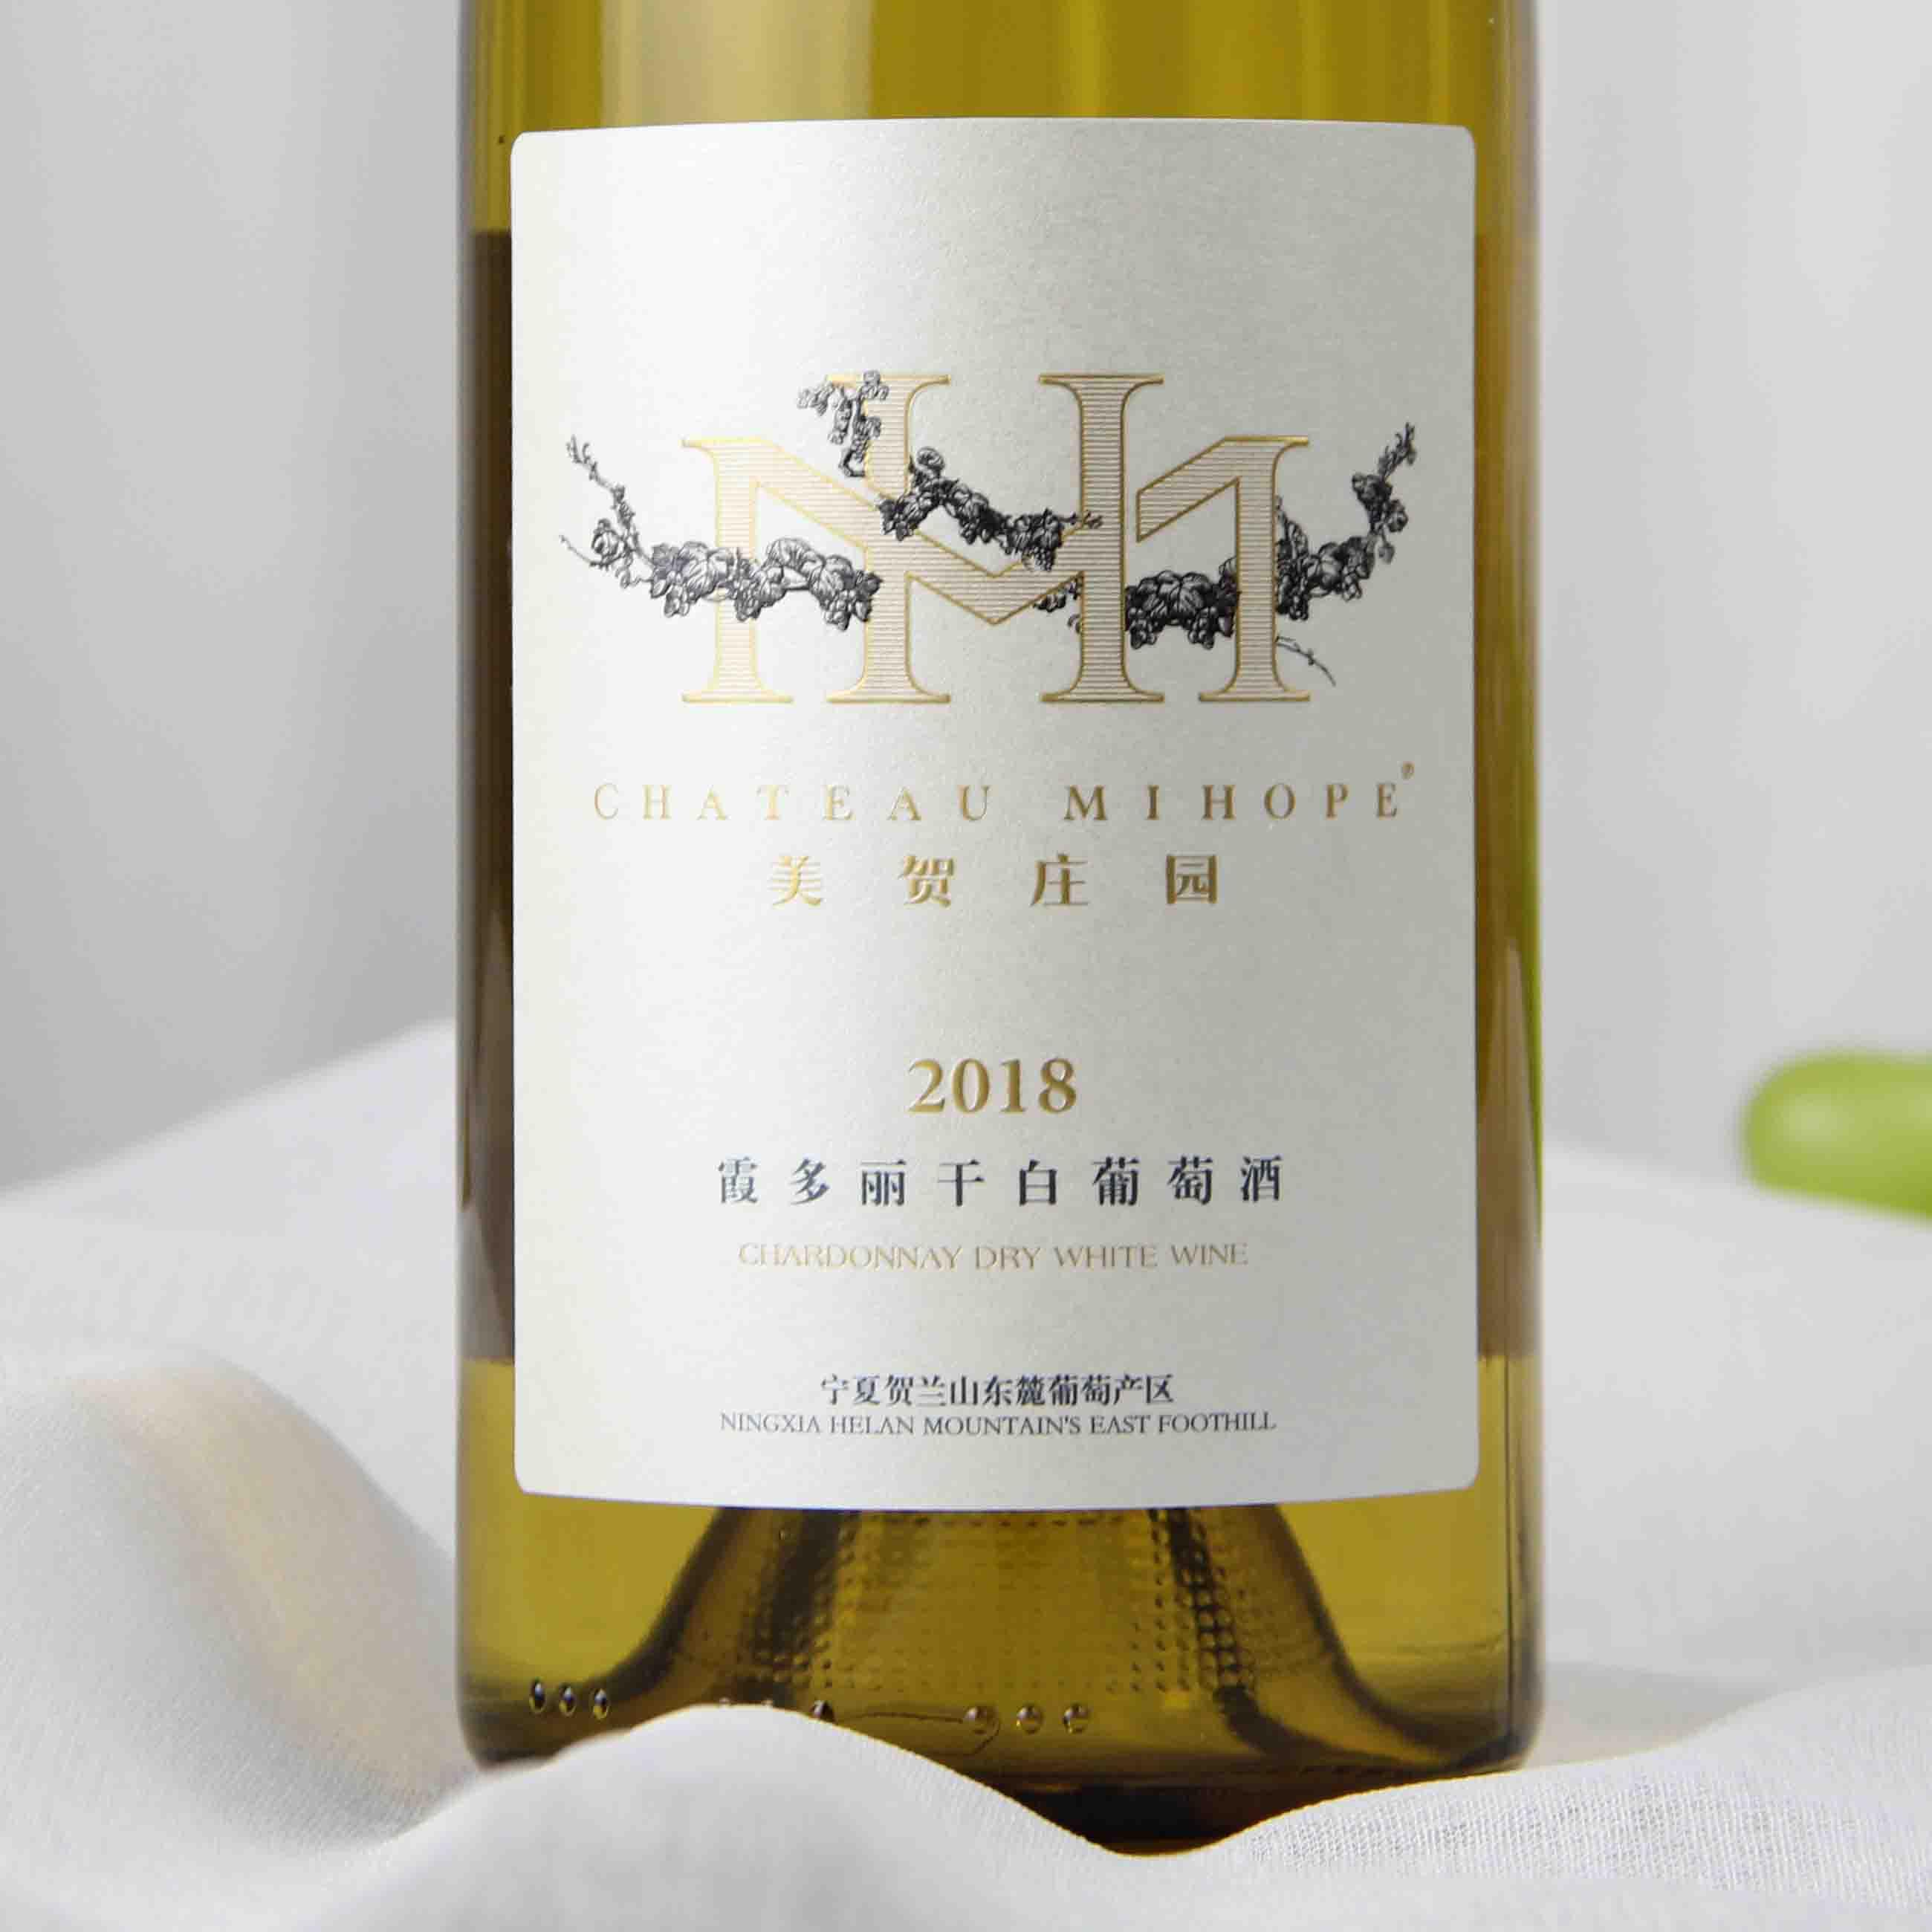 中国宁夏区美贺庄园2018霞多丽干白葡萄酒